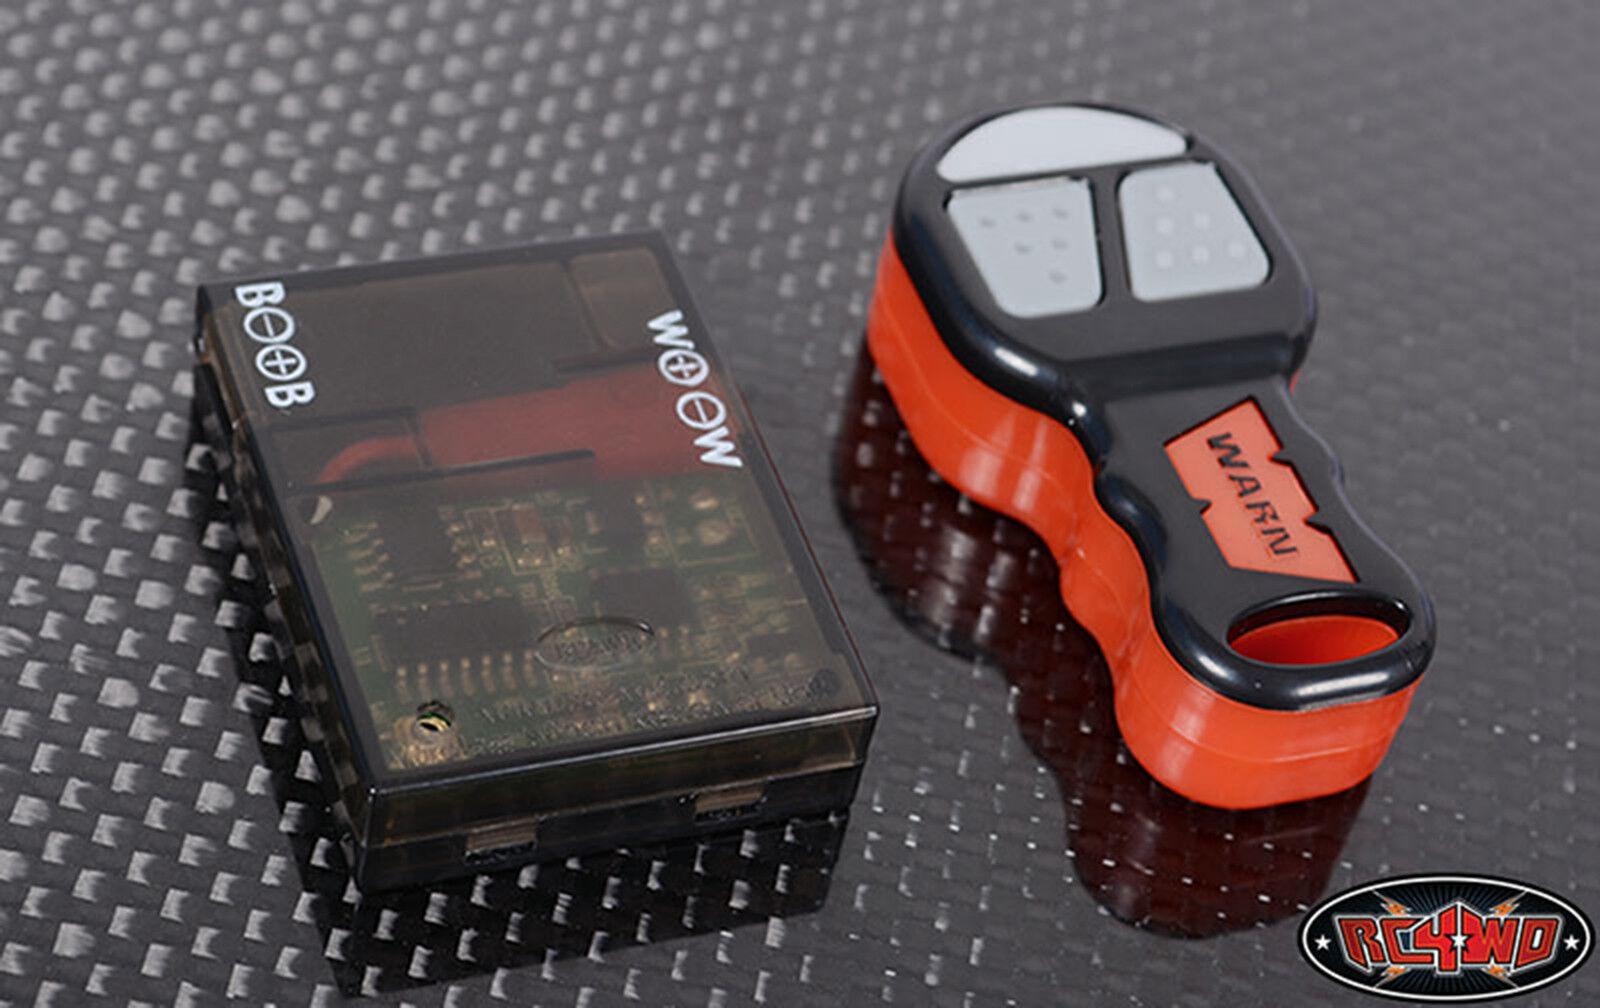 Rc4wd Telecomando per Verricelli RC4WD Wireless Remote and Receiver